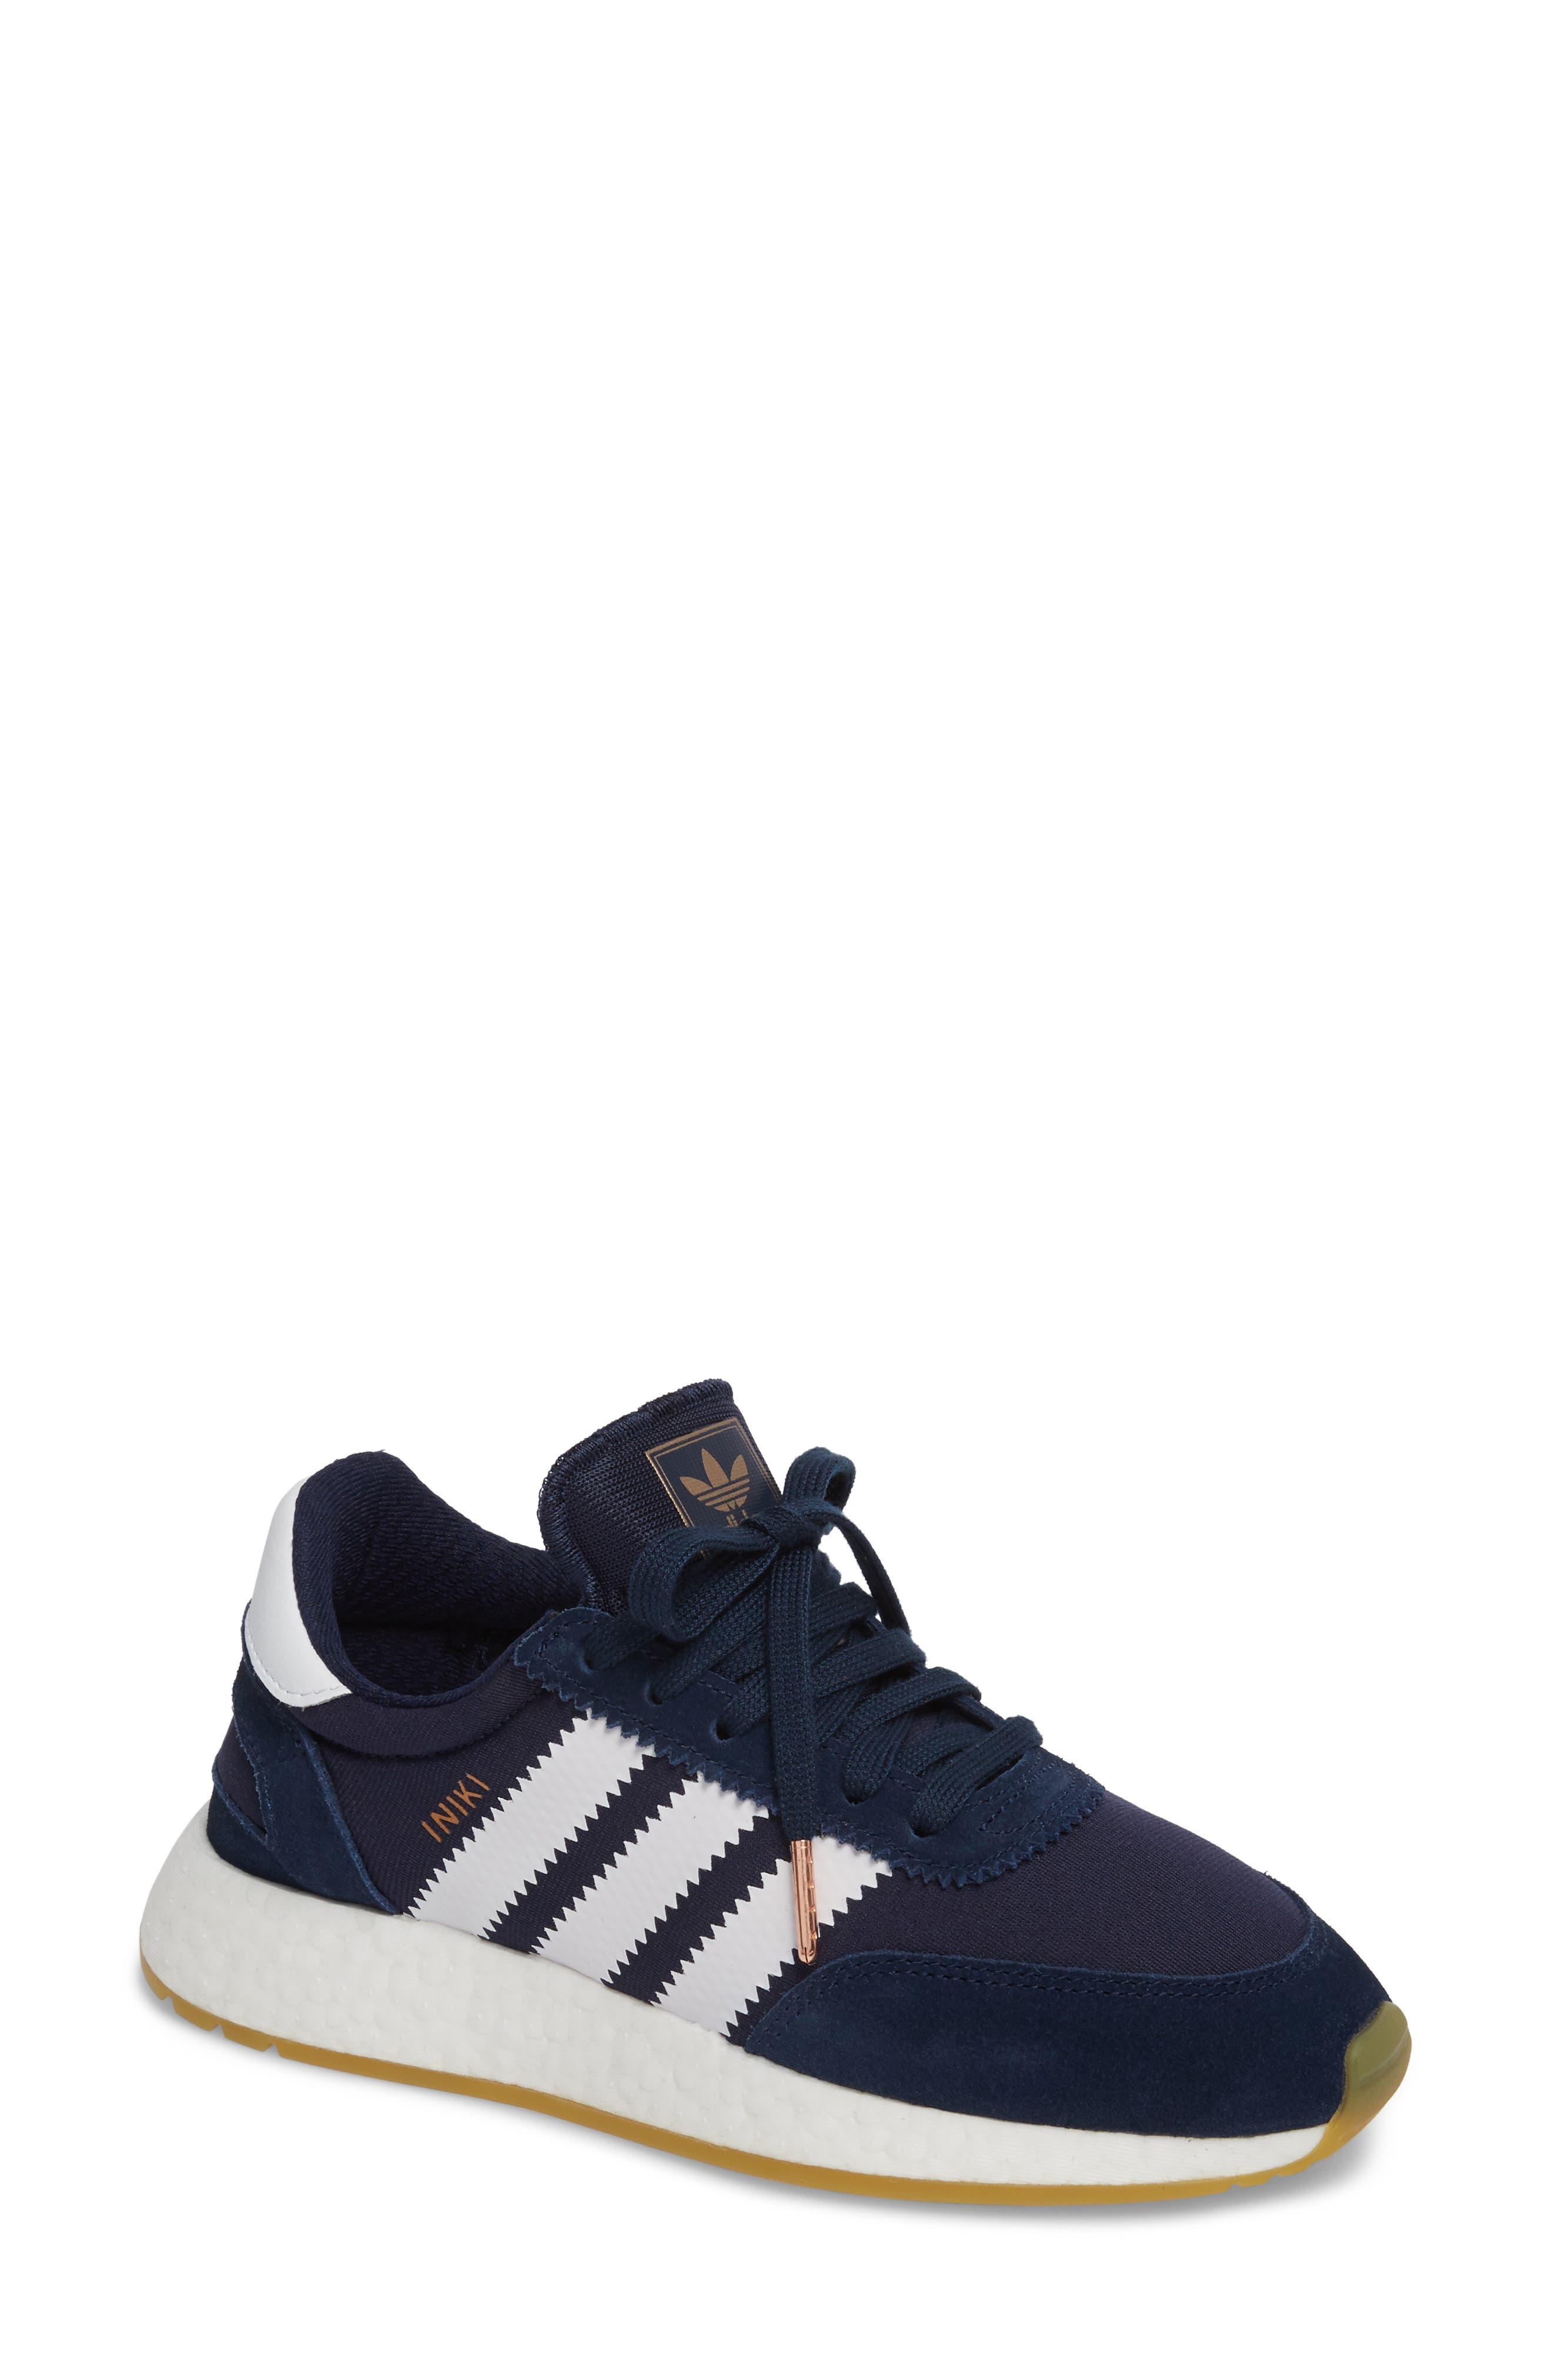 I-5923 Sneaker,                         Main,                         color, Navy/ White/ Gum